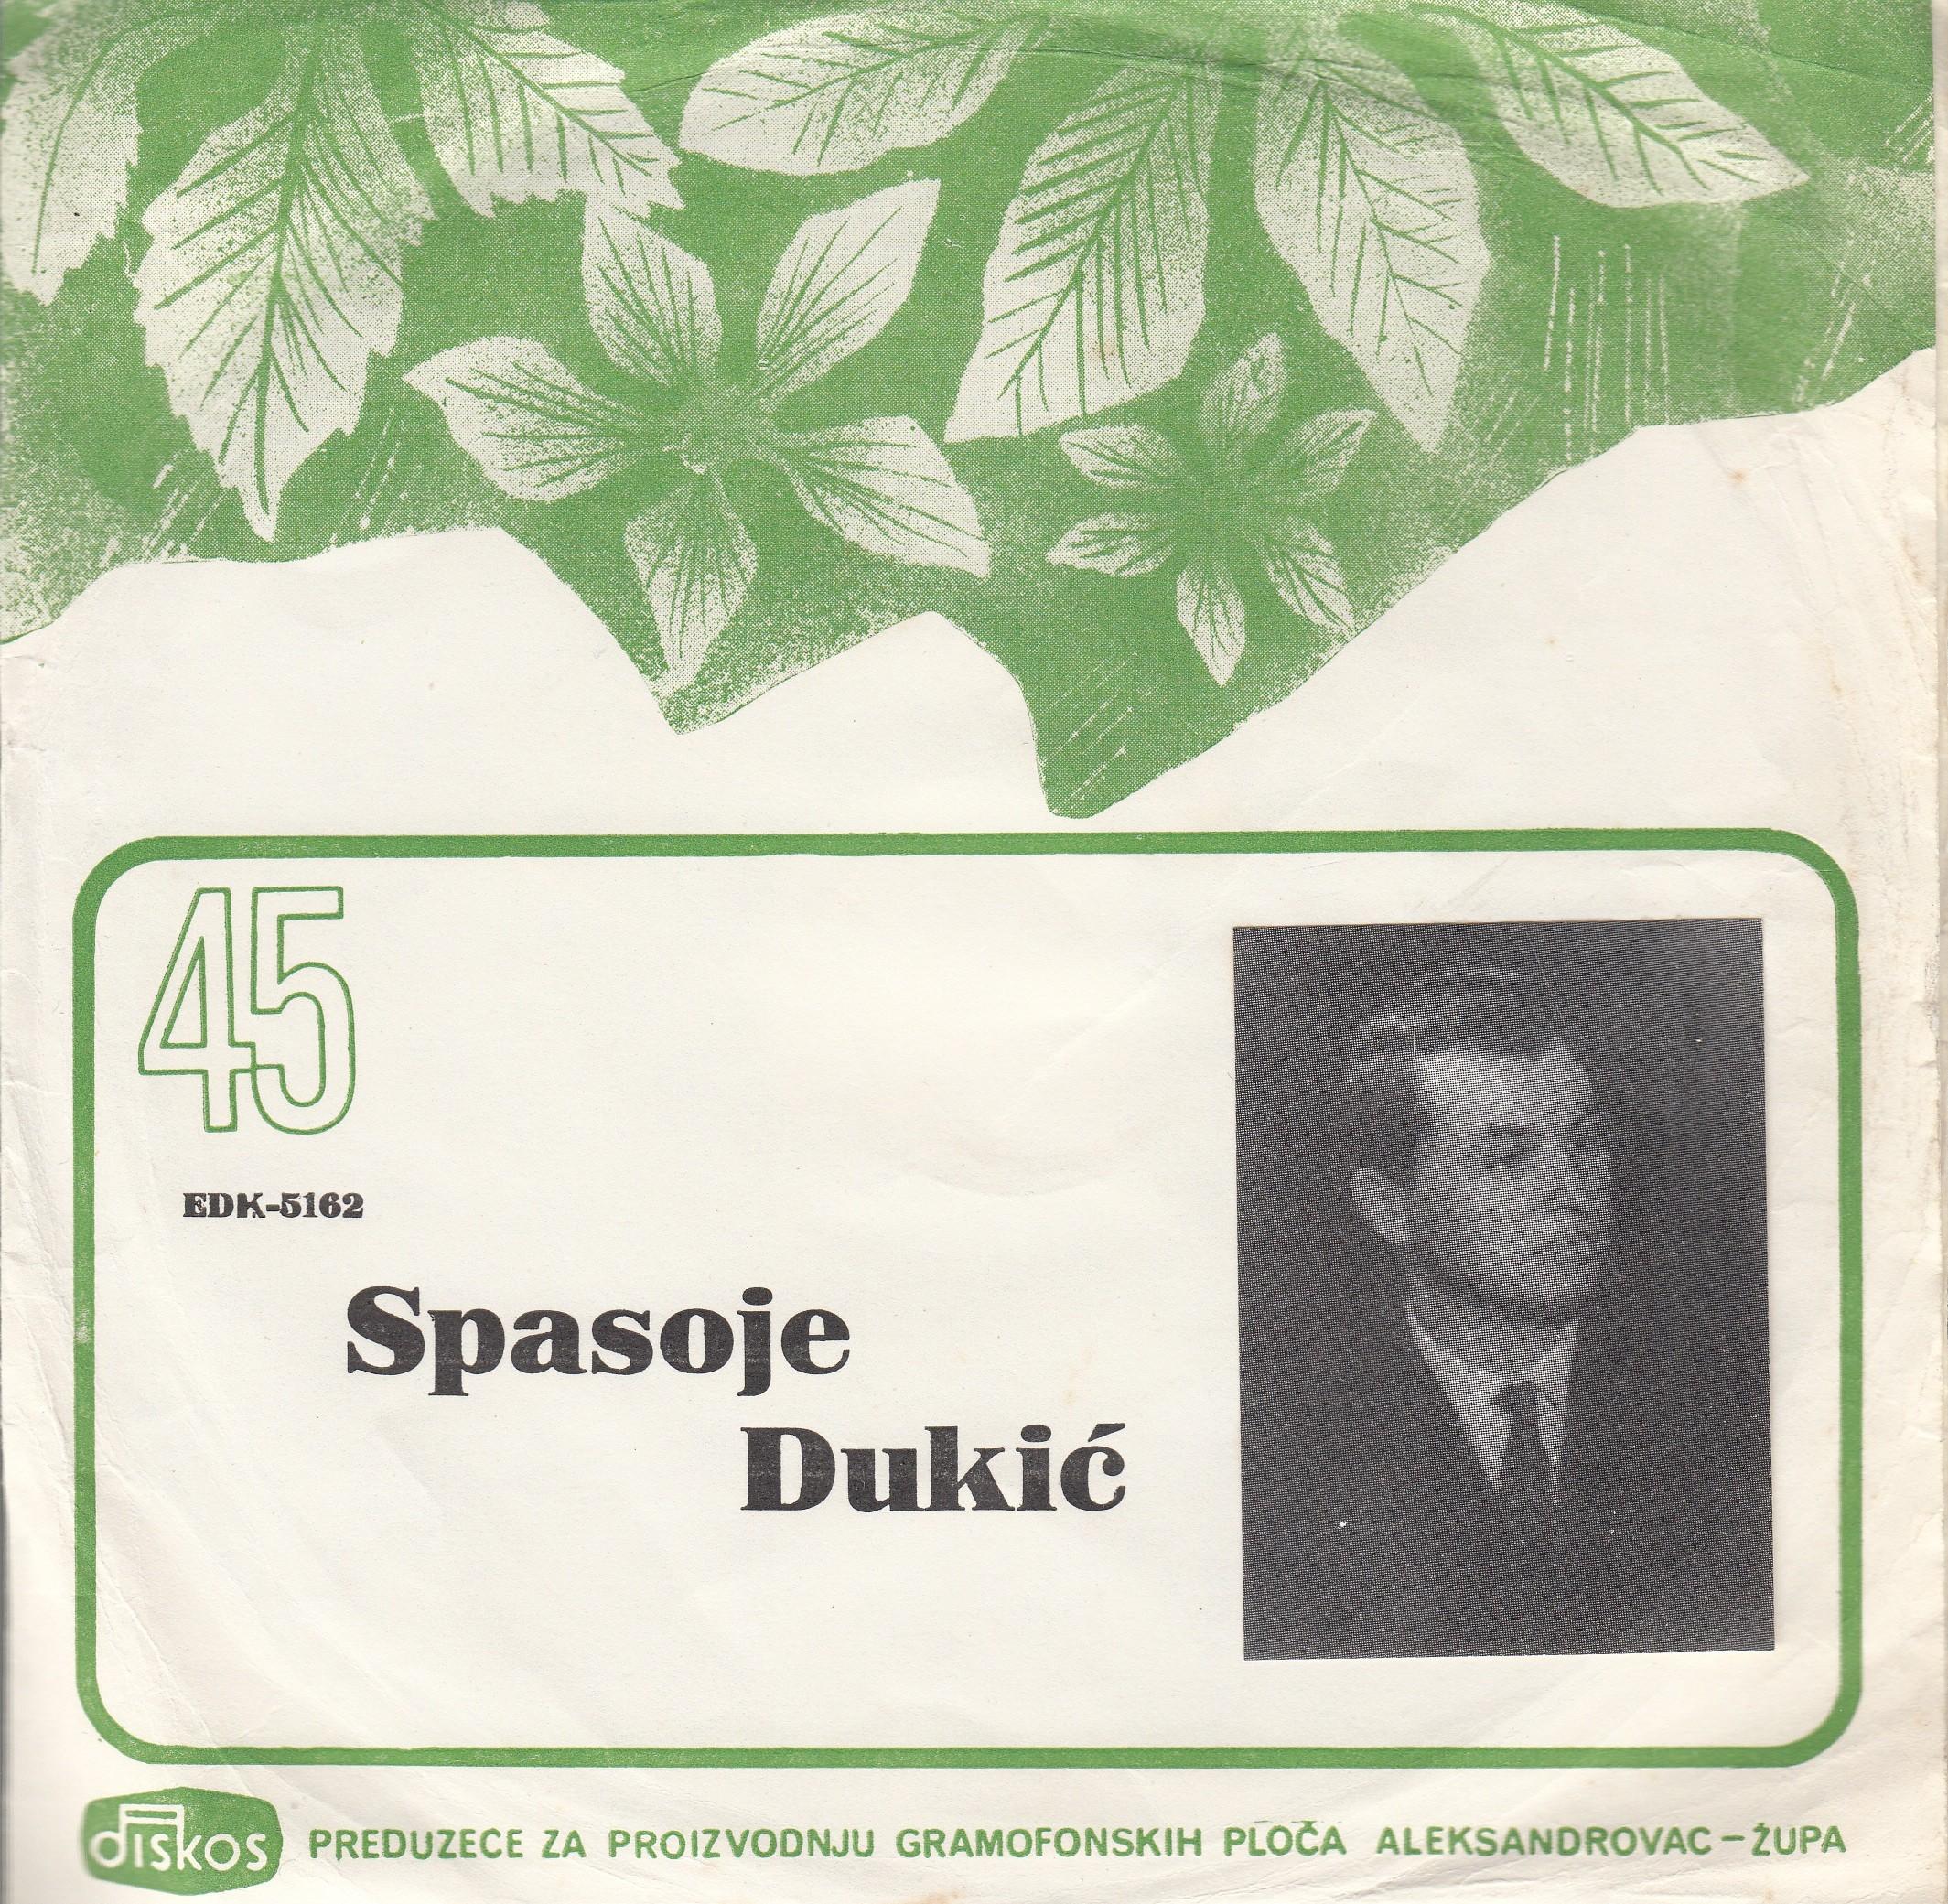 Dukic Spasoje - Cuj Devojcice Plavojce/imam Miru Devojku/ljubavni Rastanak/kad Bi Samo Moja Bila